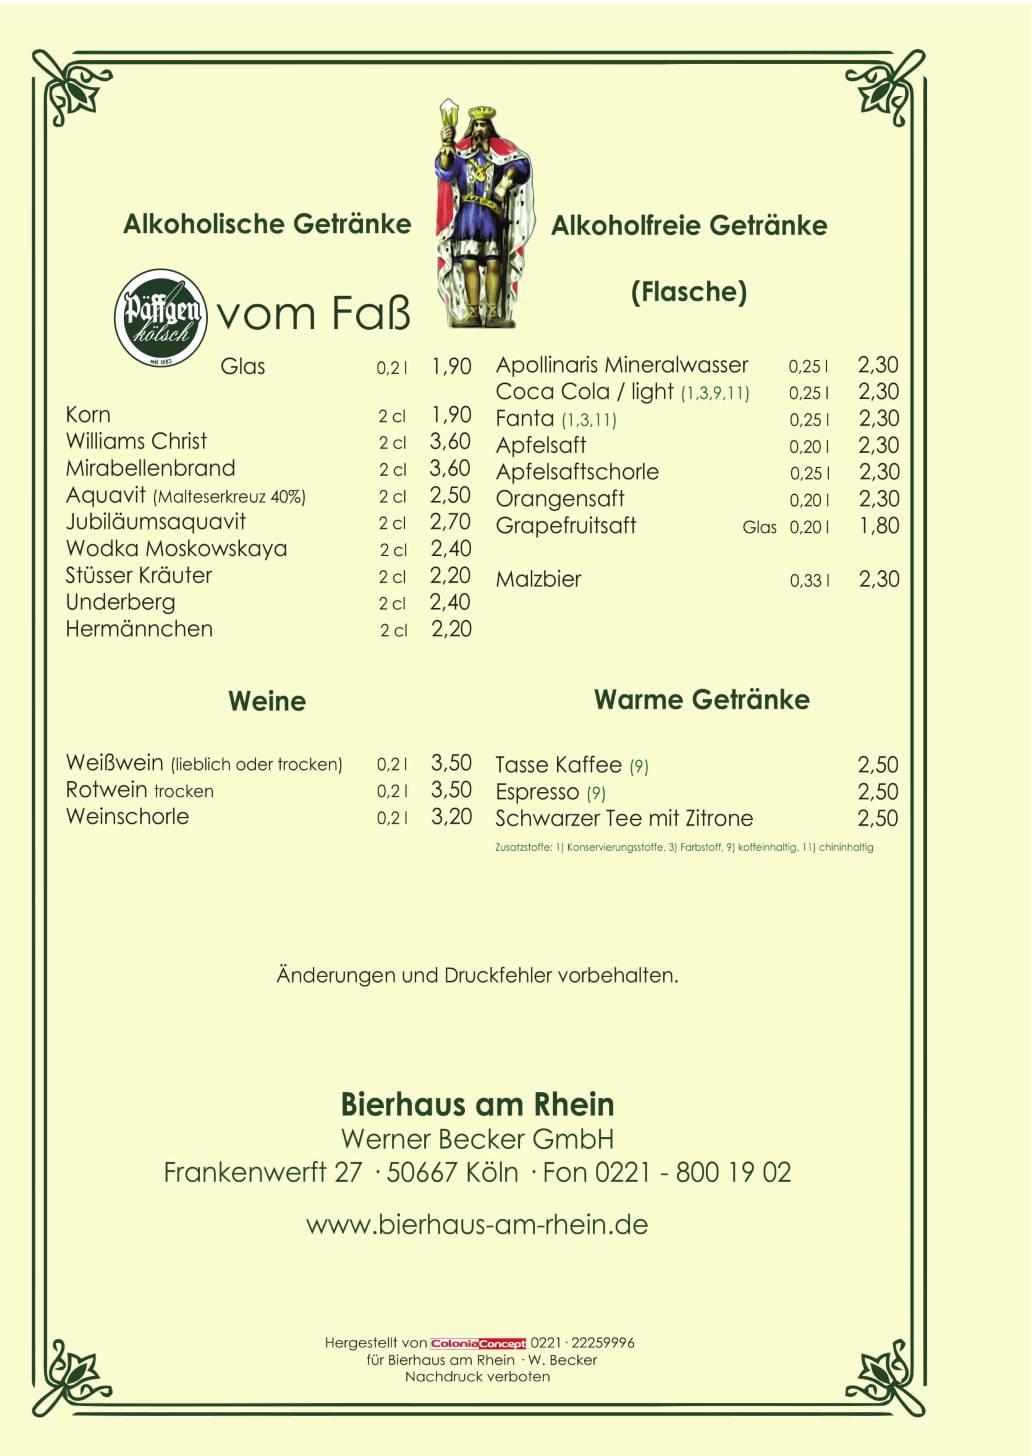 Bierhaus am Rhein in Köln - Getränkekarte